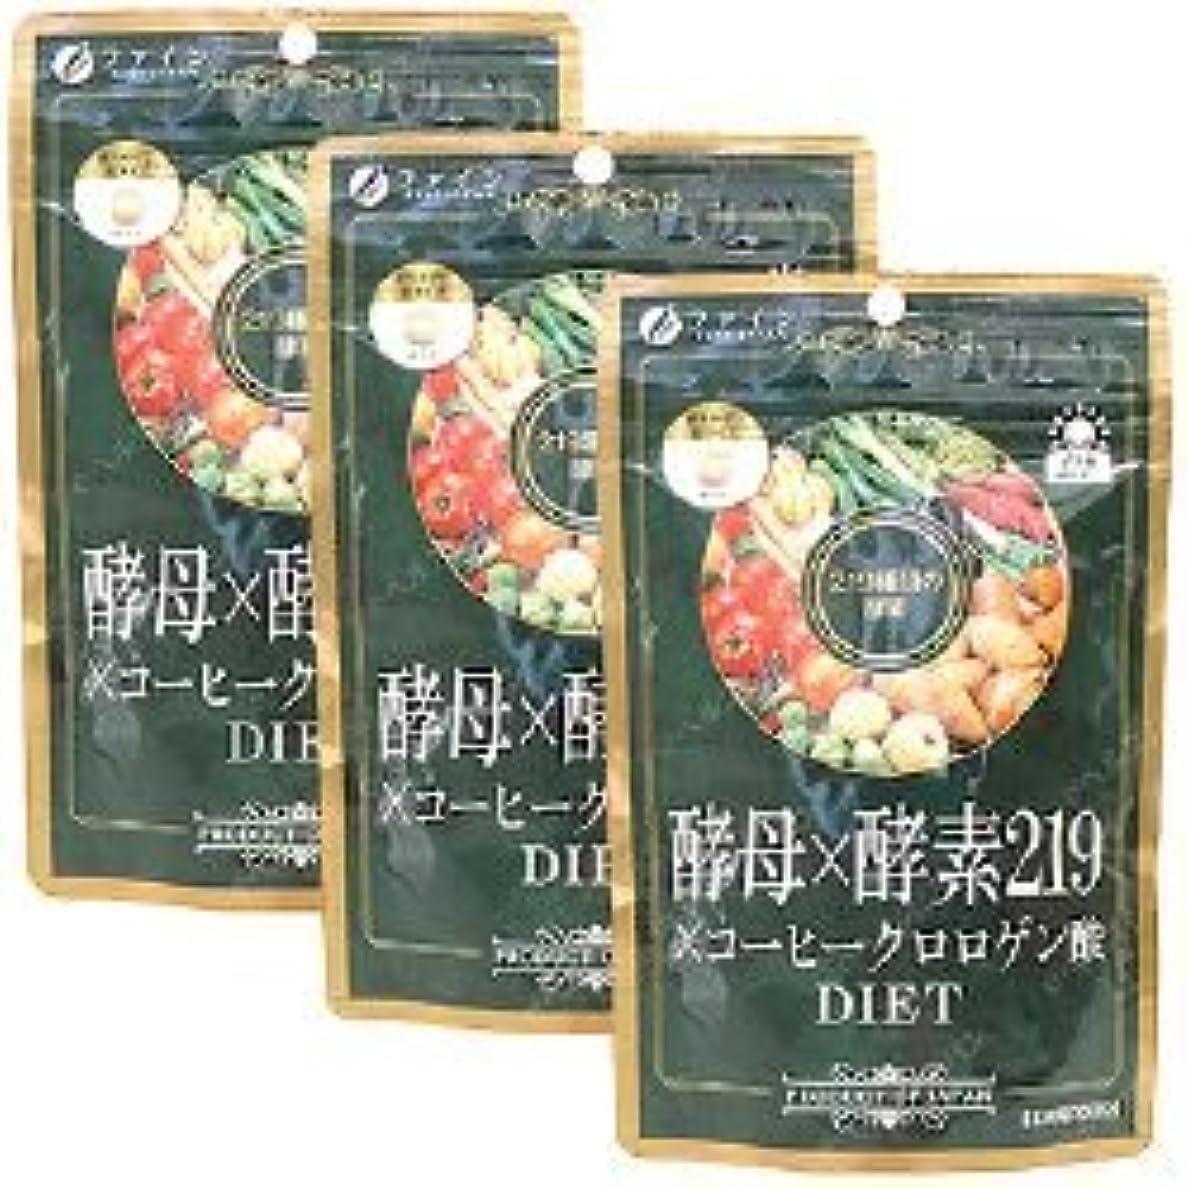 群衆気づく葉酵母×酵素219×コーヒークロロゲン酸ダイエット 粒タイプ【3箱セット】ファイン